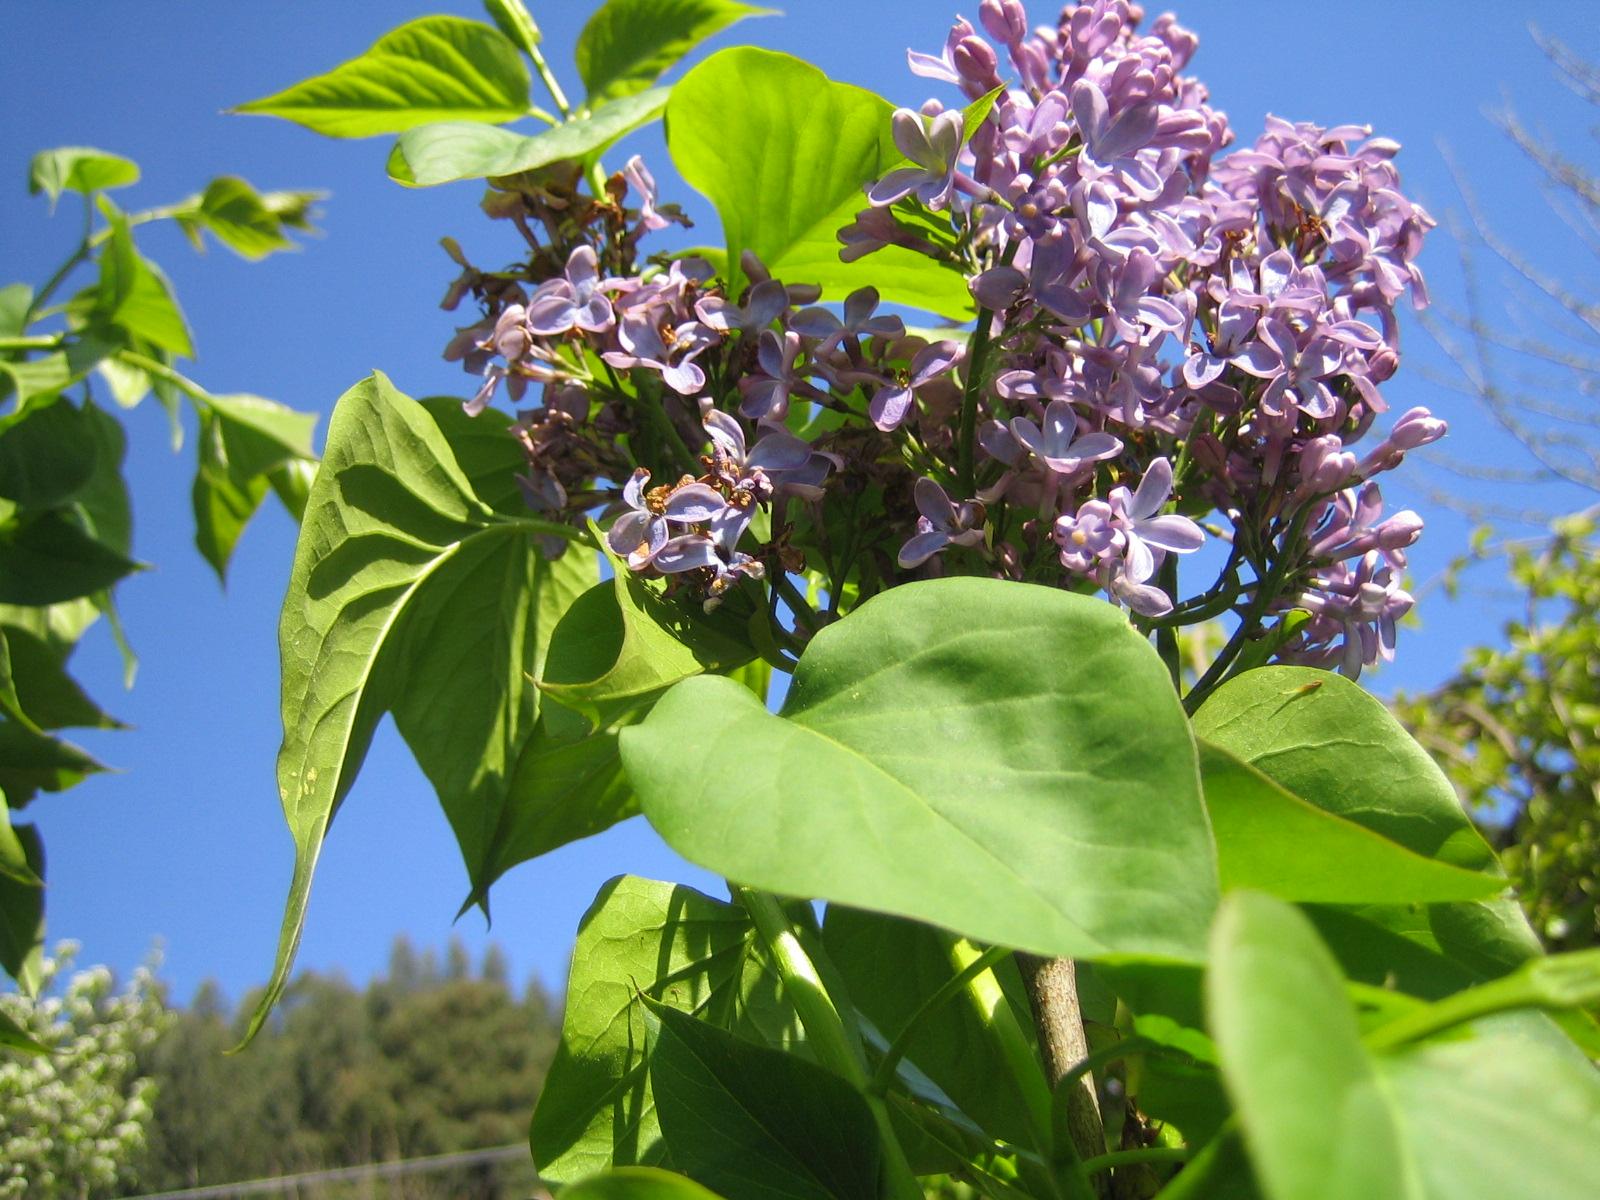 érase una vez quizá: La flor del Lilo